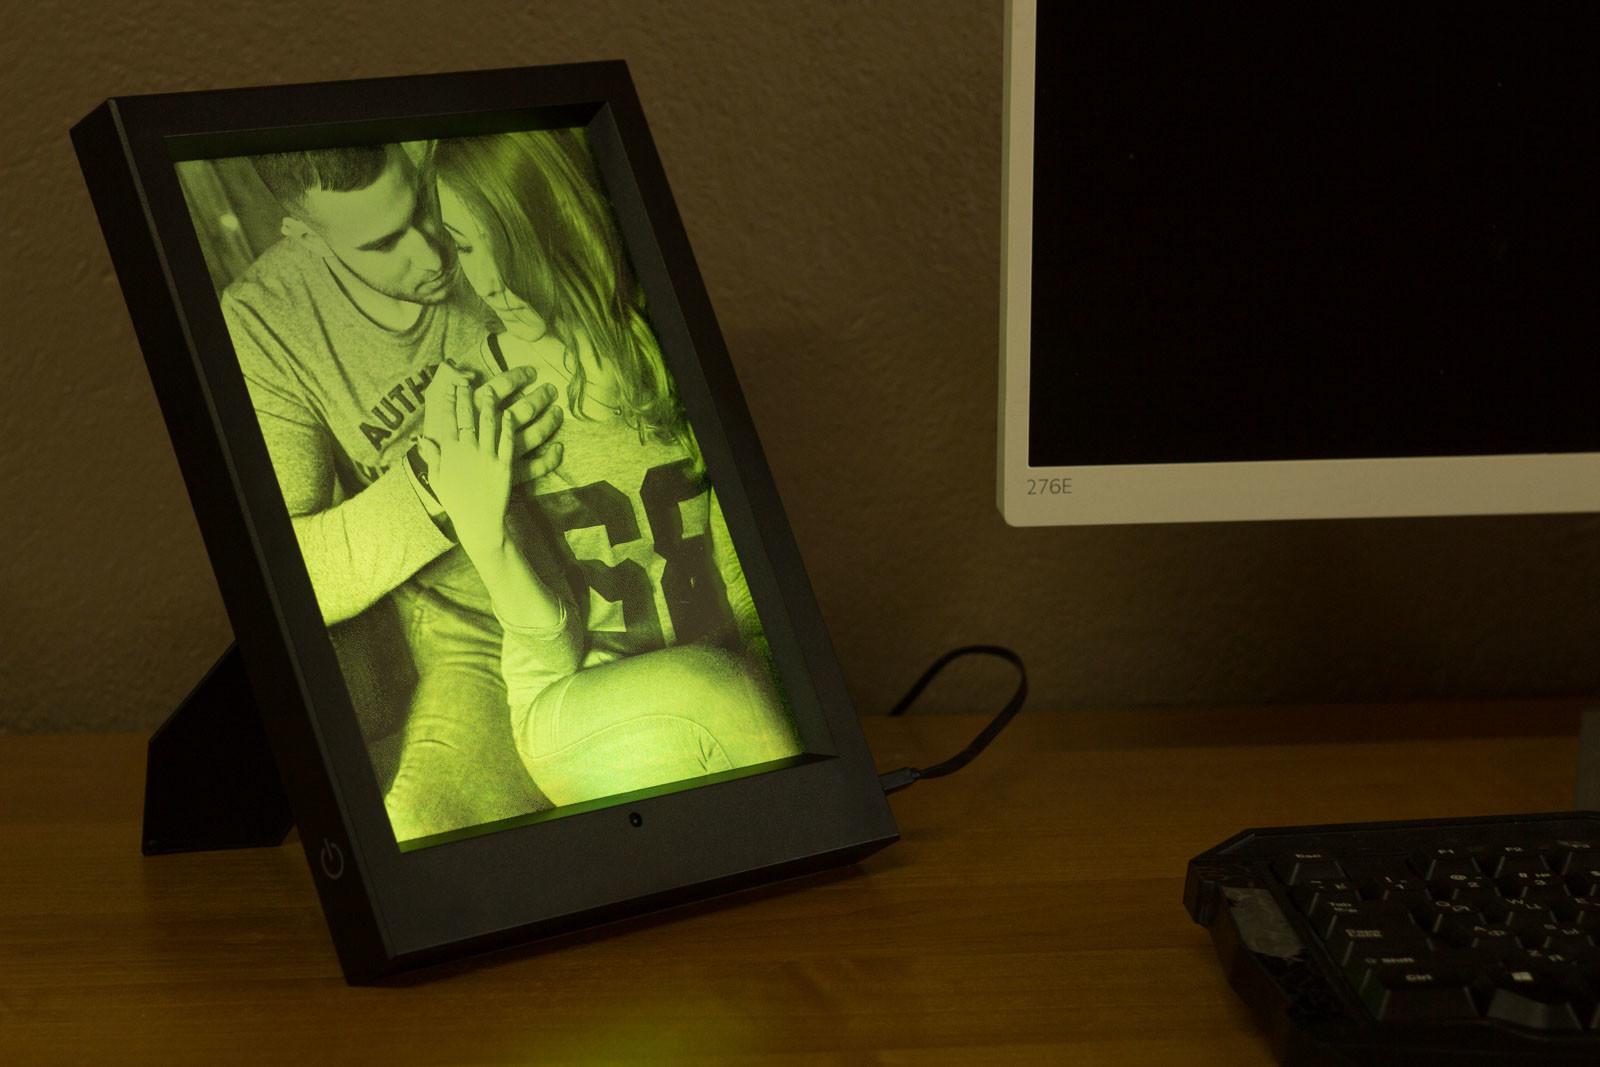 светильник с фотографией на заказ москва недорого вам нравится